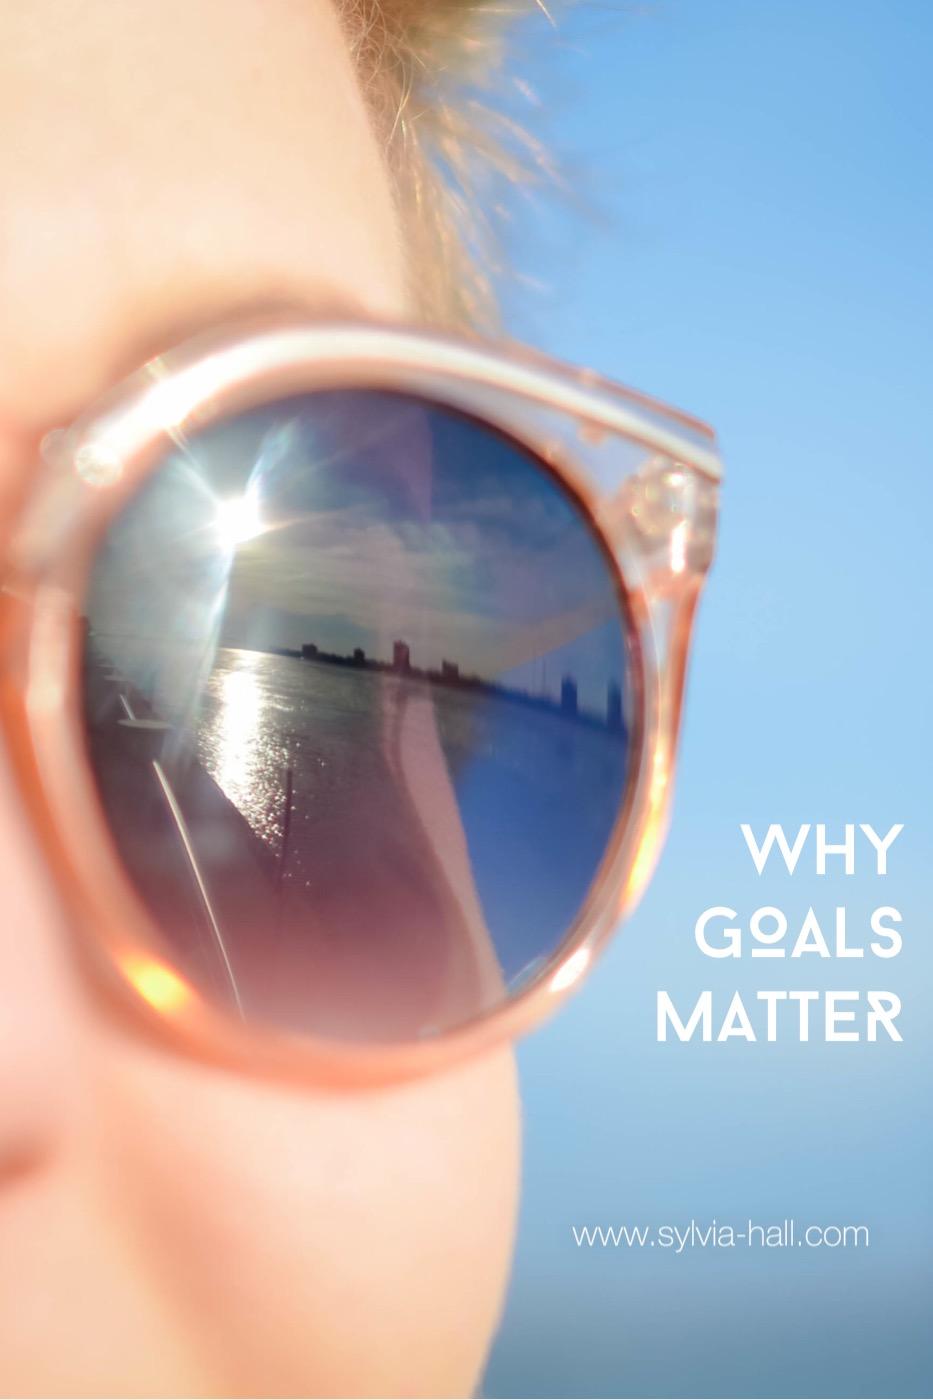 why goals matter